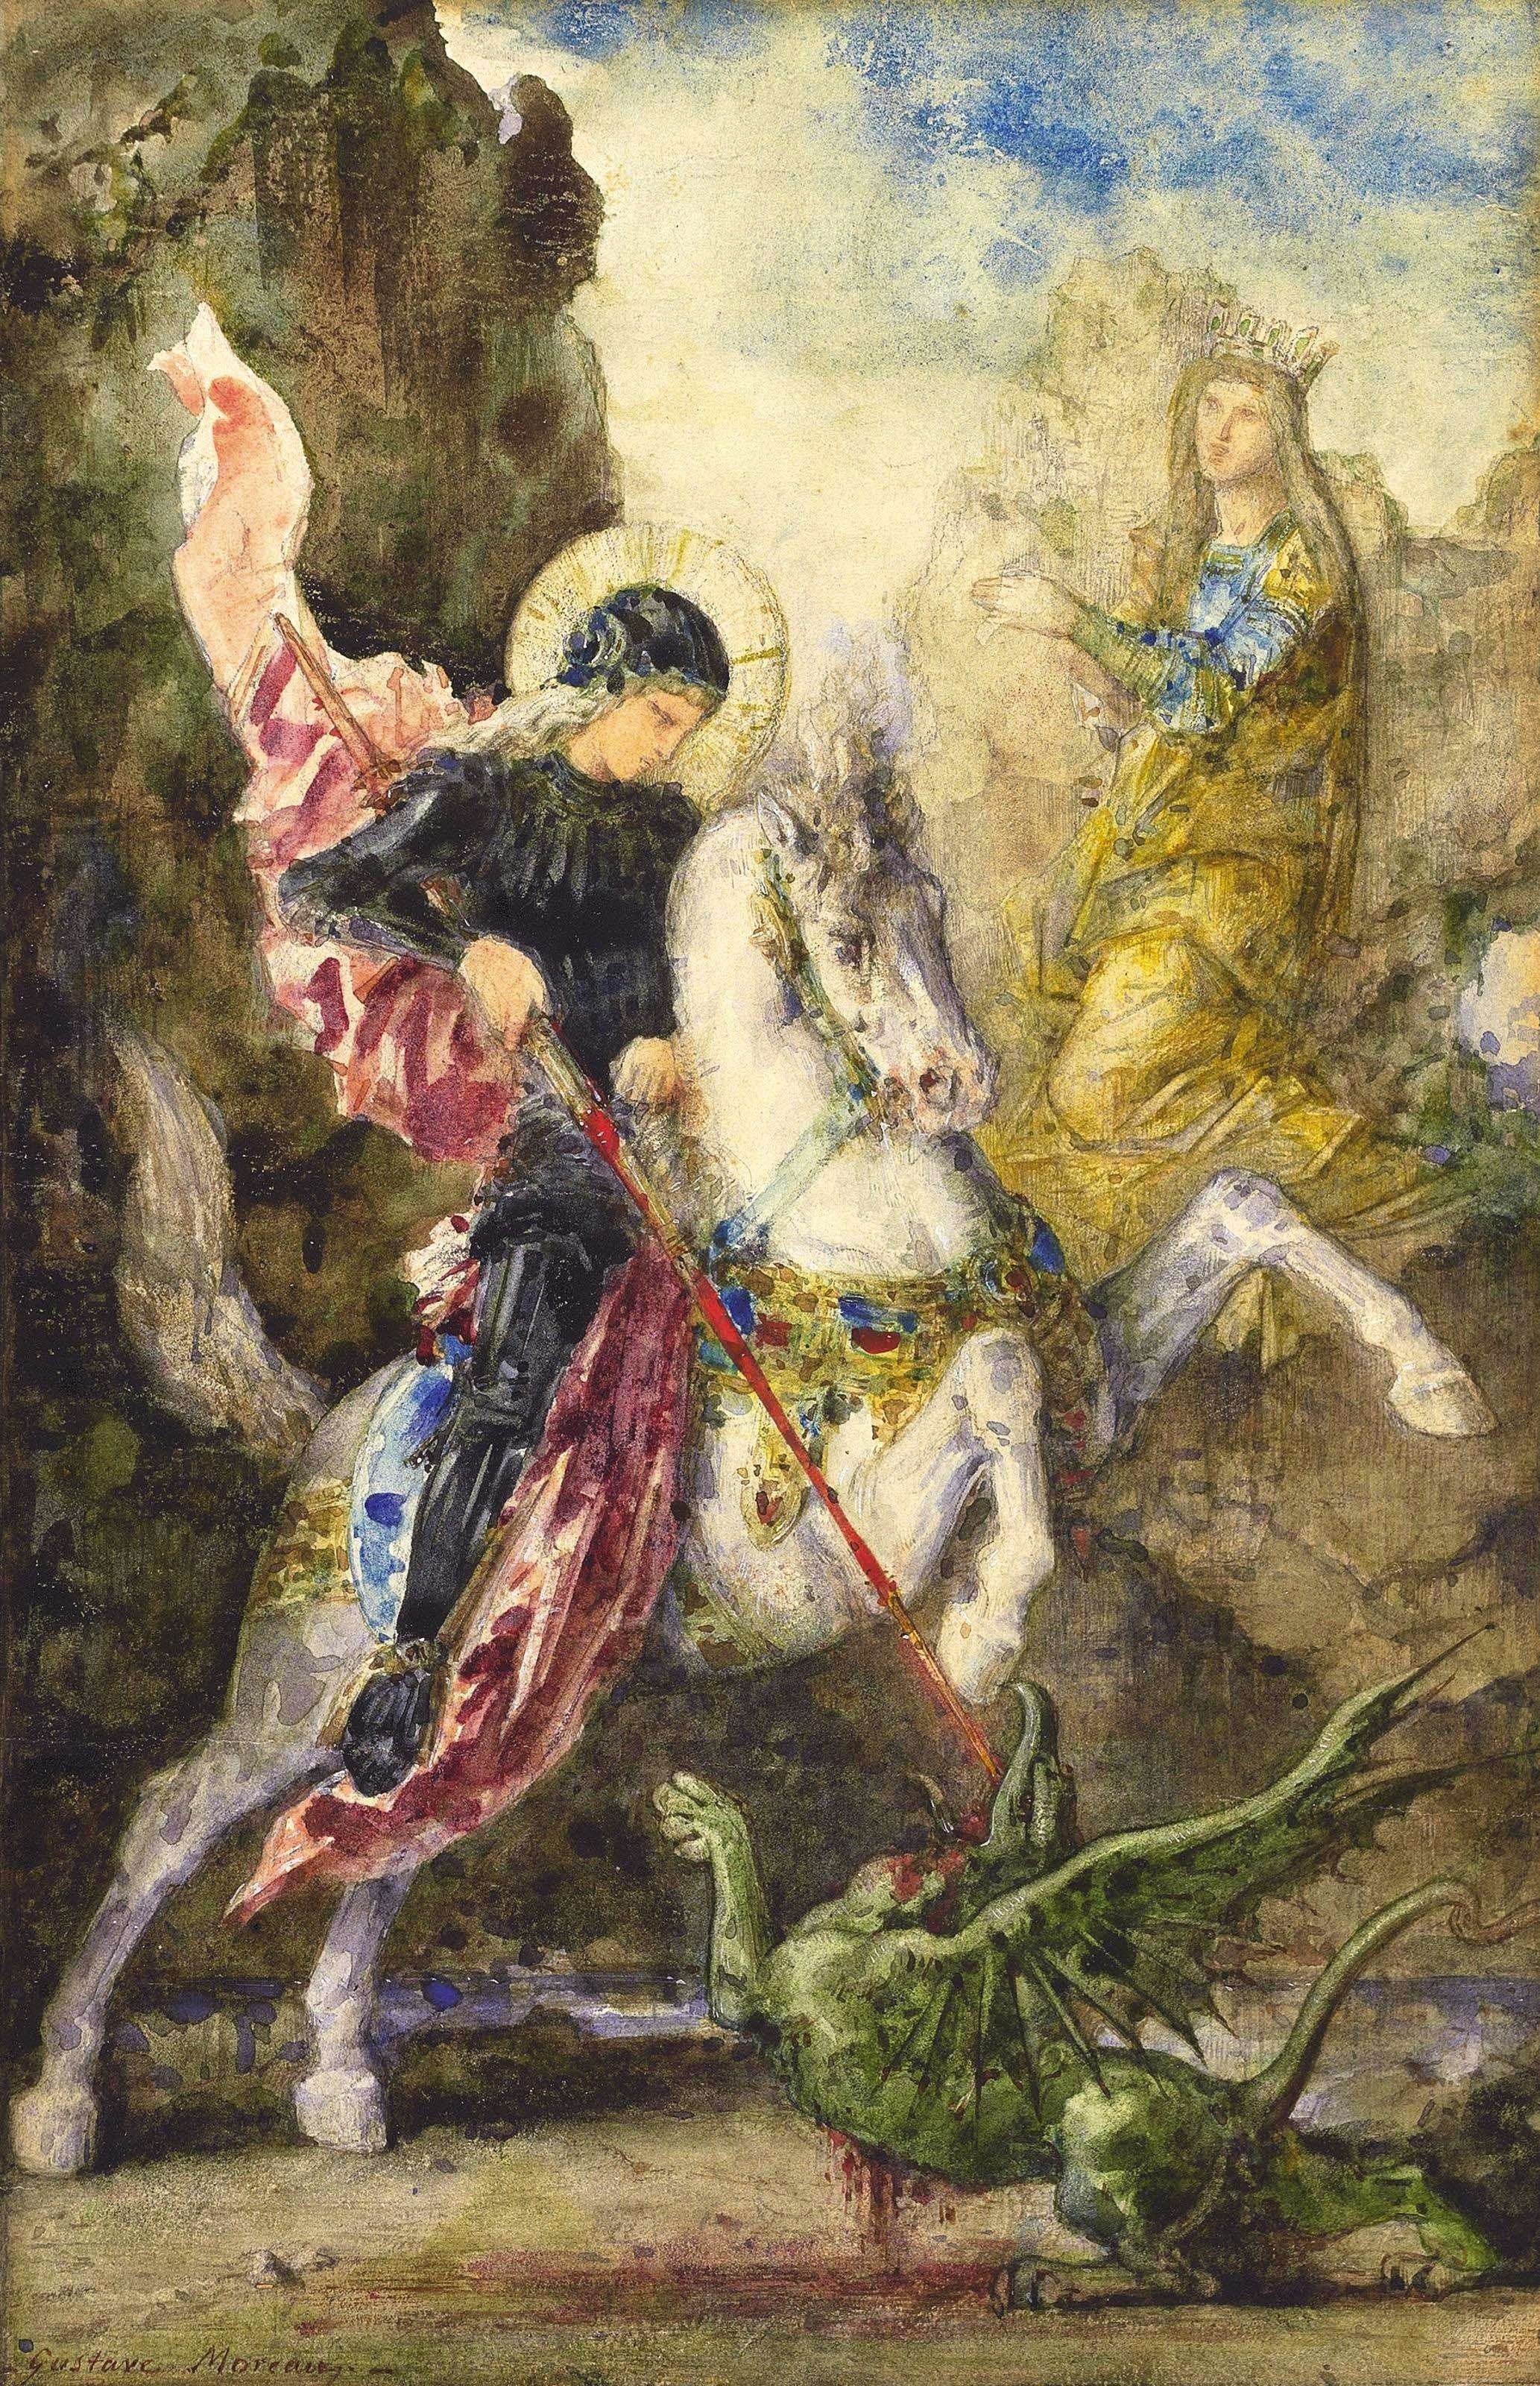 File:Gustave Moreau - Saint-Georges et le dragon (c.1869).jpg - Wikimedia  Commons